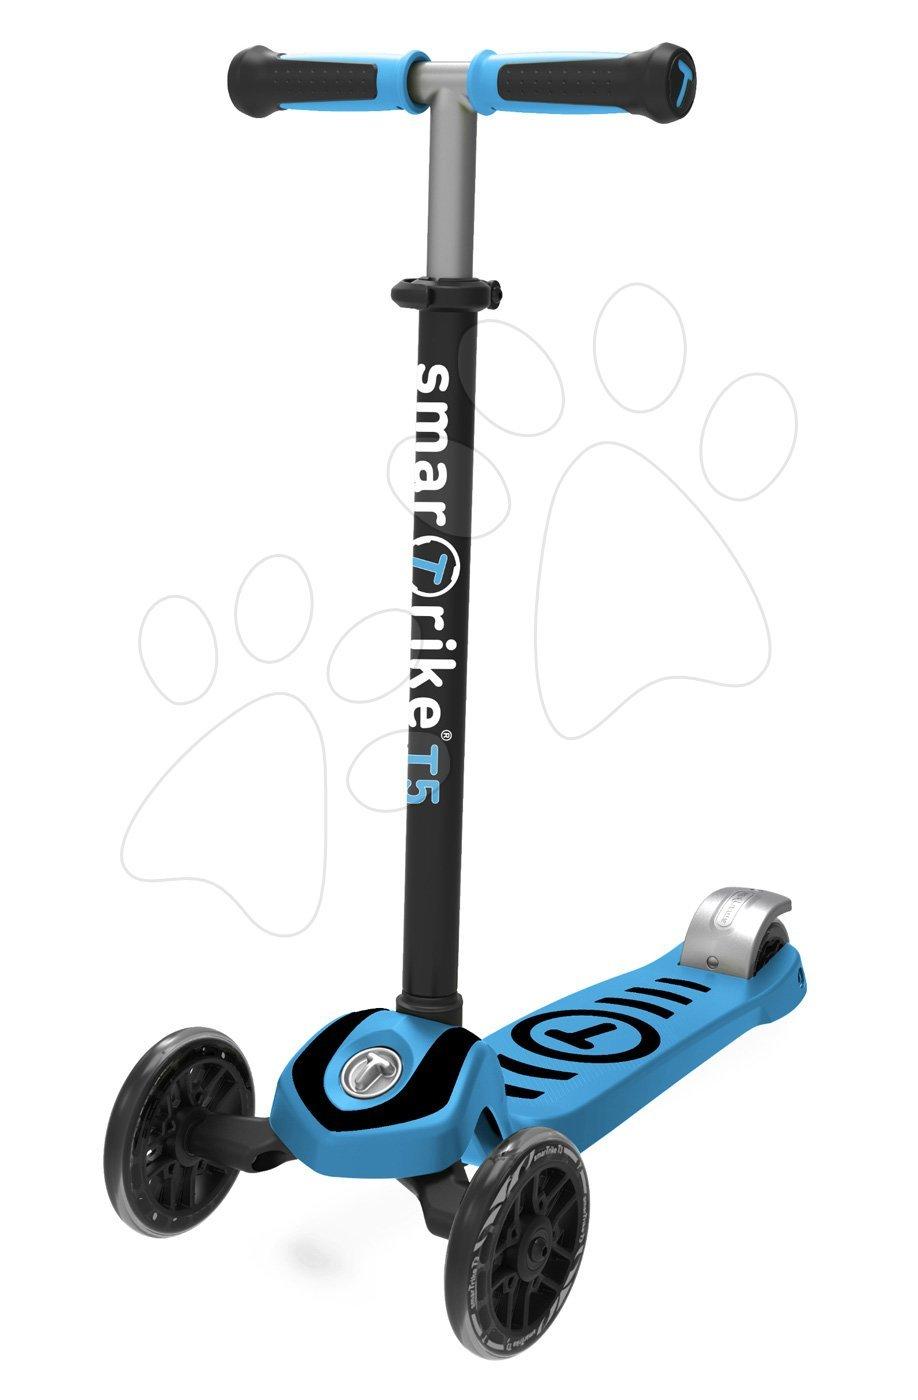 SmarTrike detská kolobežka T5 s T-lock systémov od 3 rokov 2010800 modrá